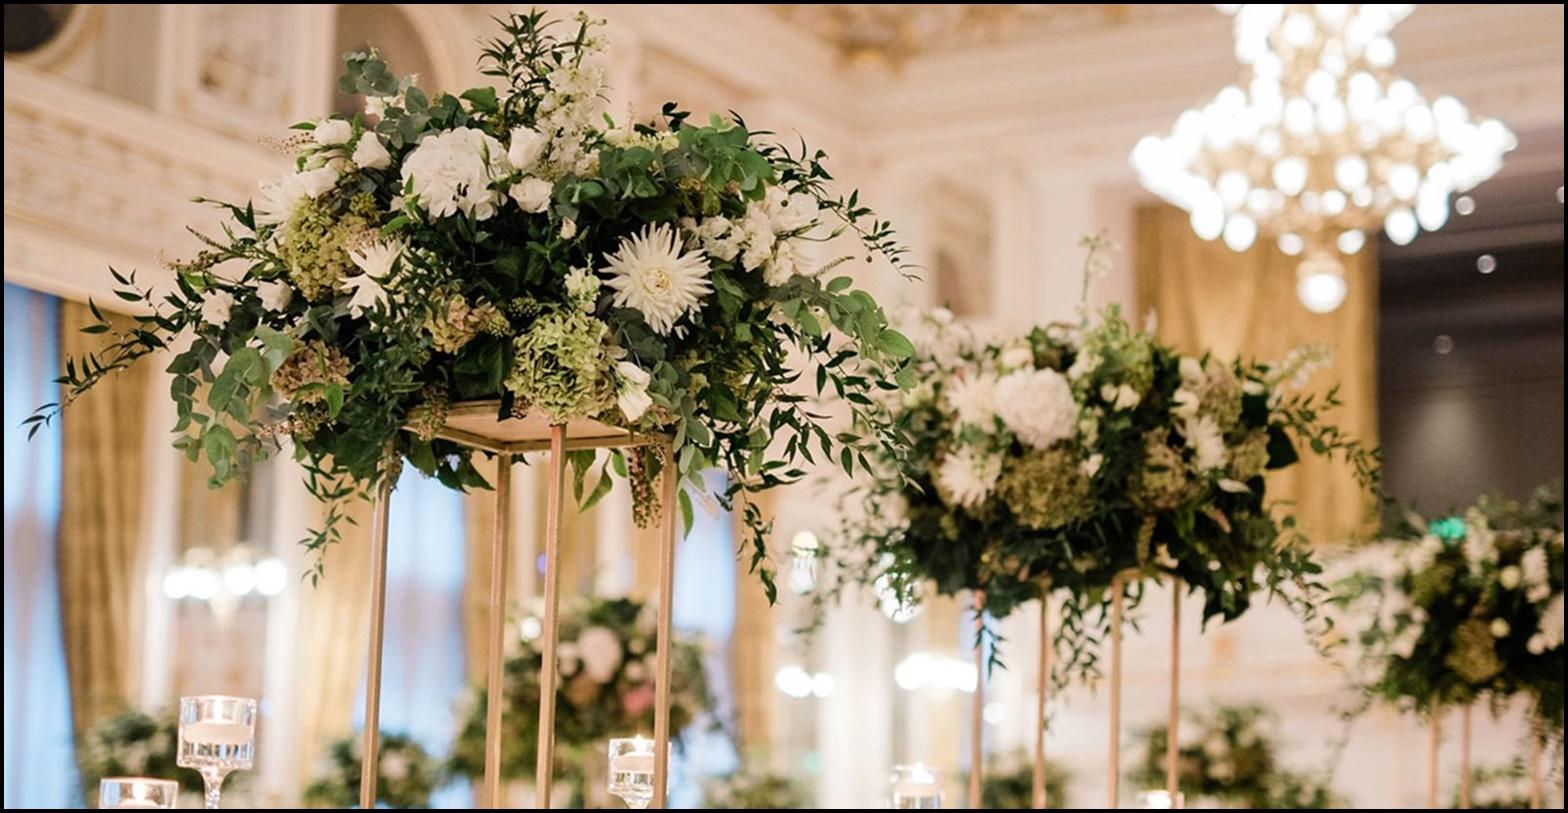 Inilah Tarif / Biaya Jasa Konsultan Pernikahan Terbaik